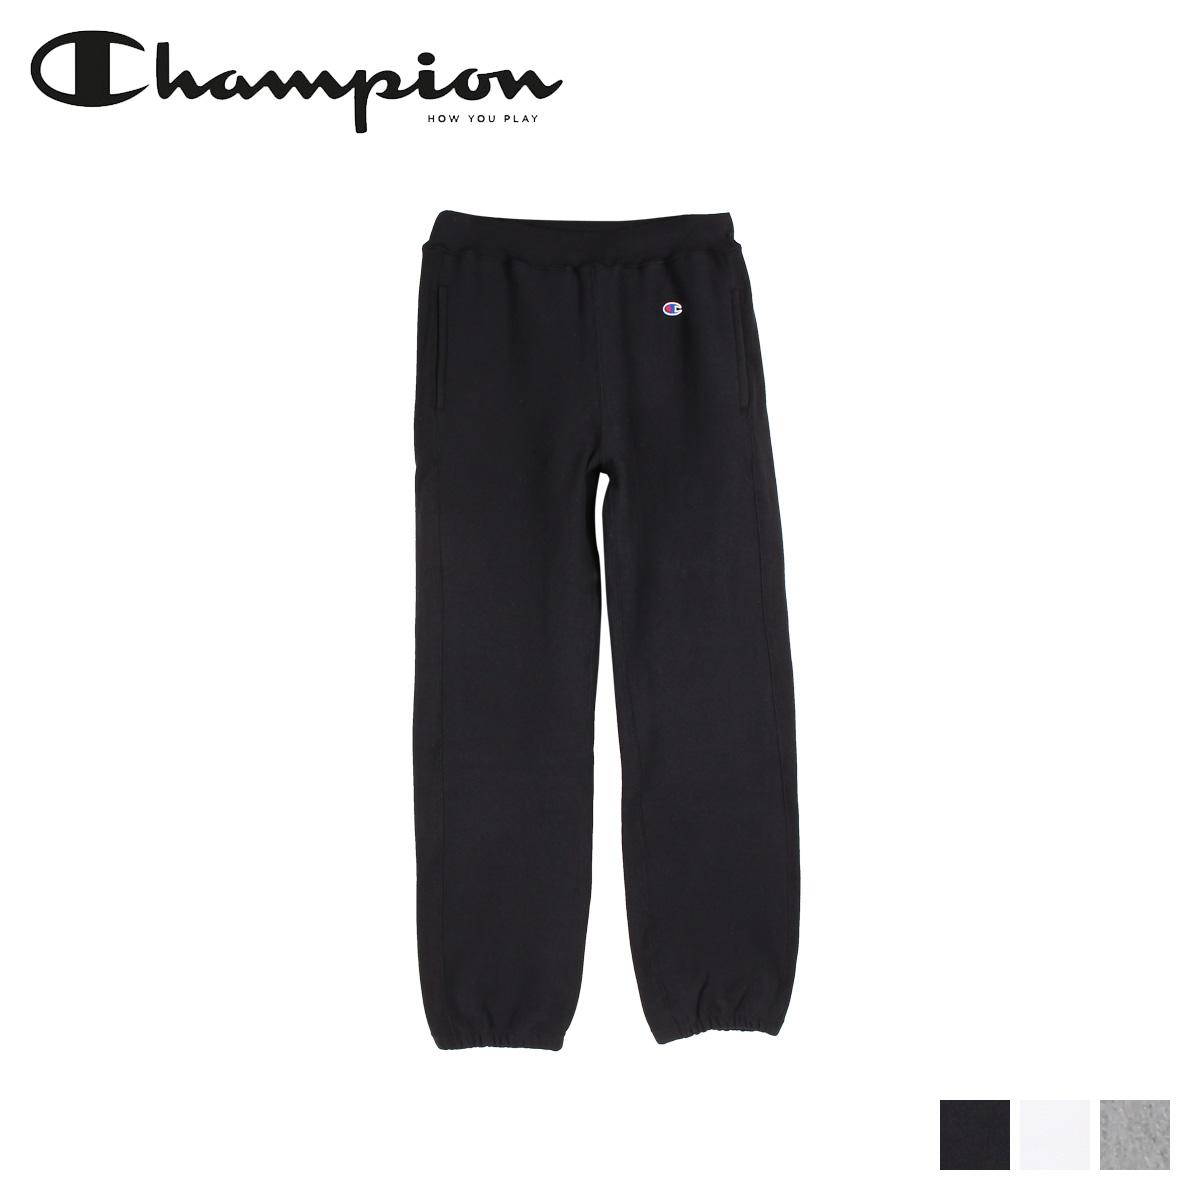 Champion チャンピオン スウェット パンツ メンズ REVERS WEAVE SWEAT PANT ブラック ホワイト グレー 黒 白 C5-Y201